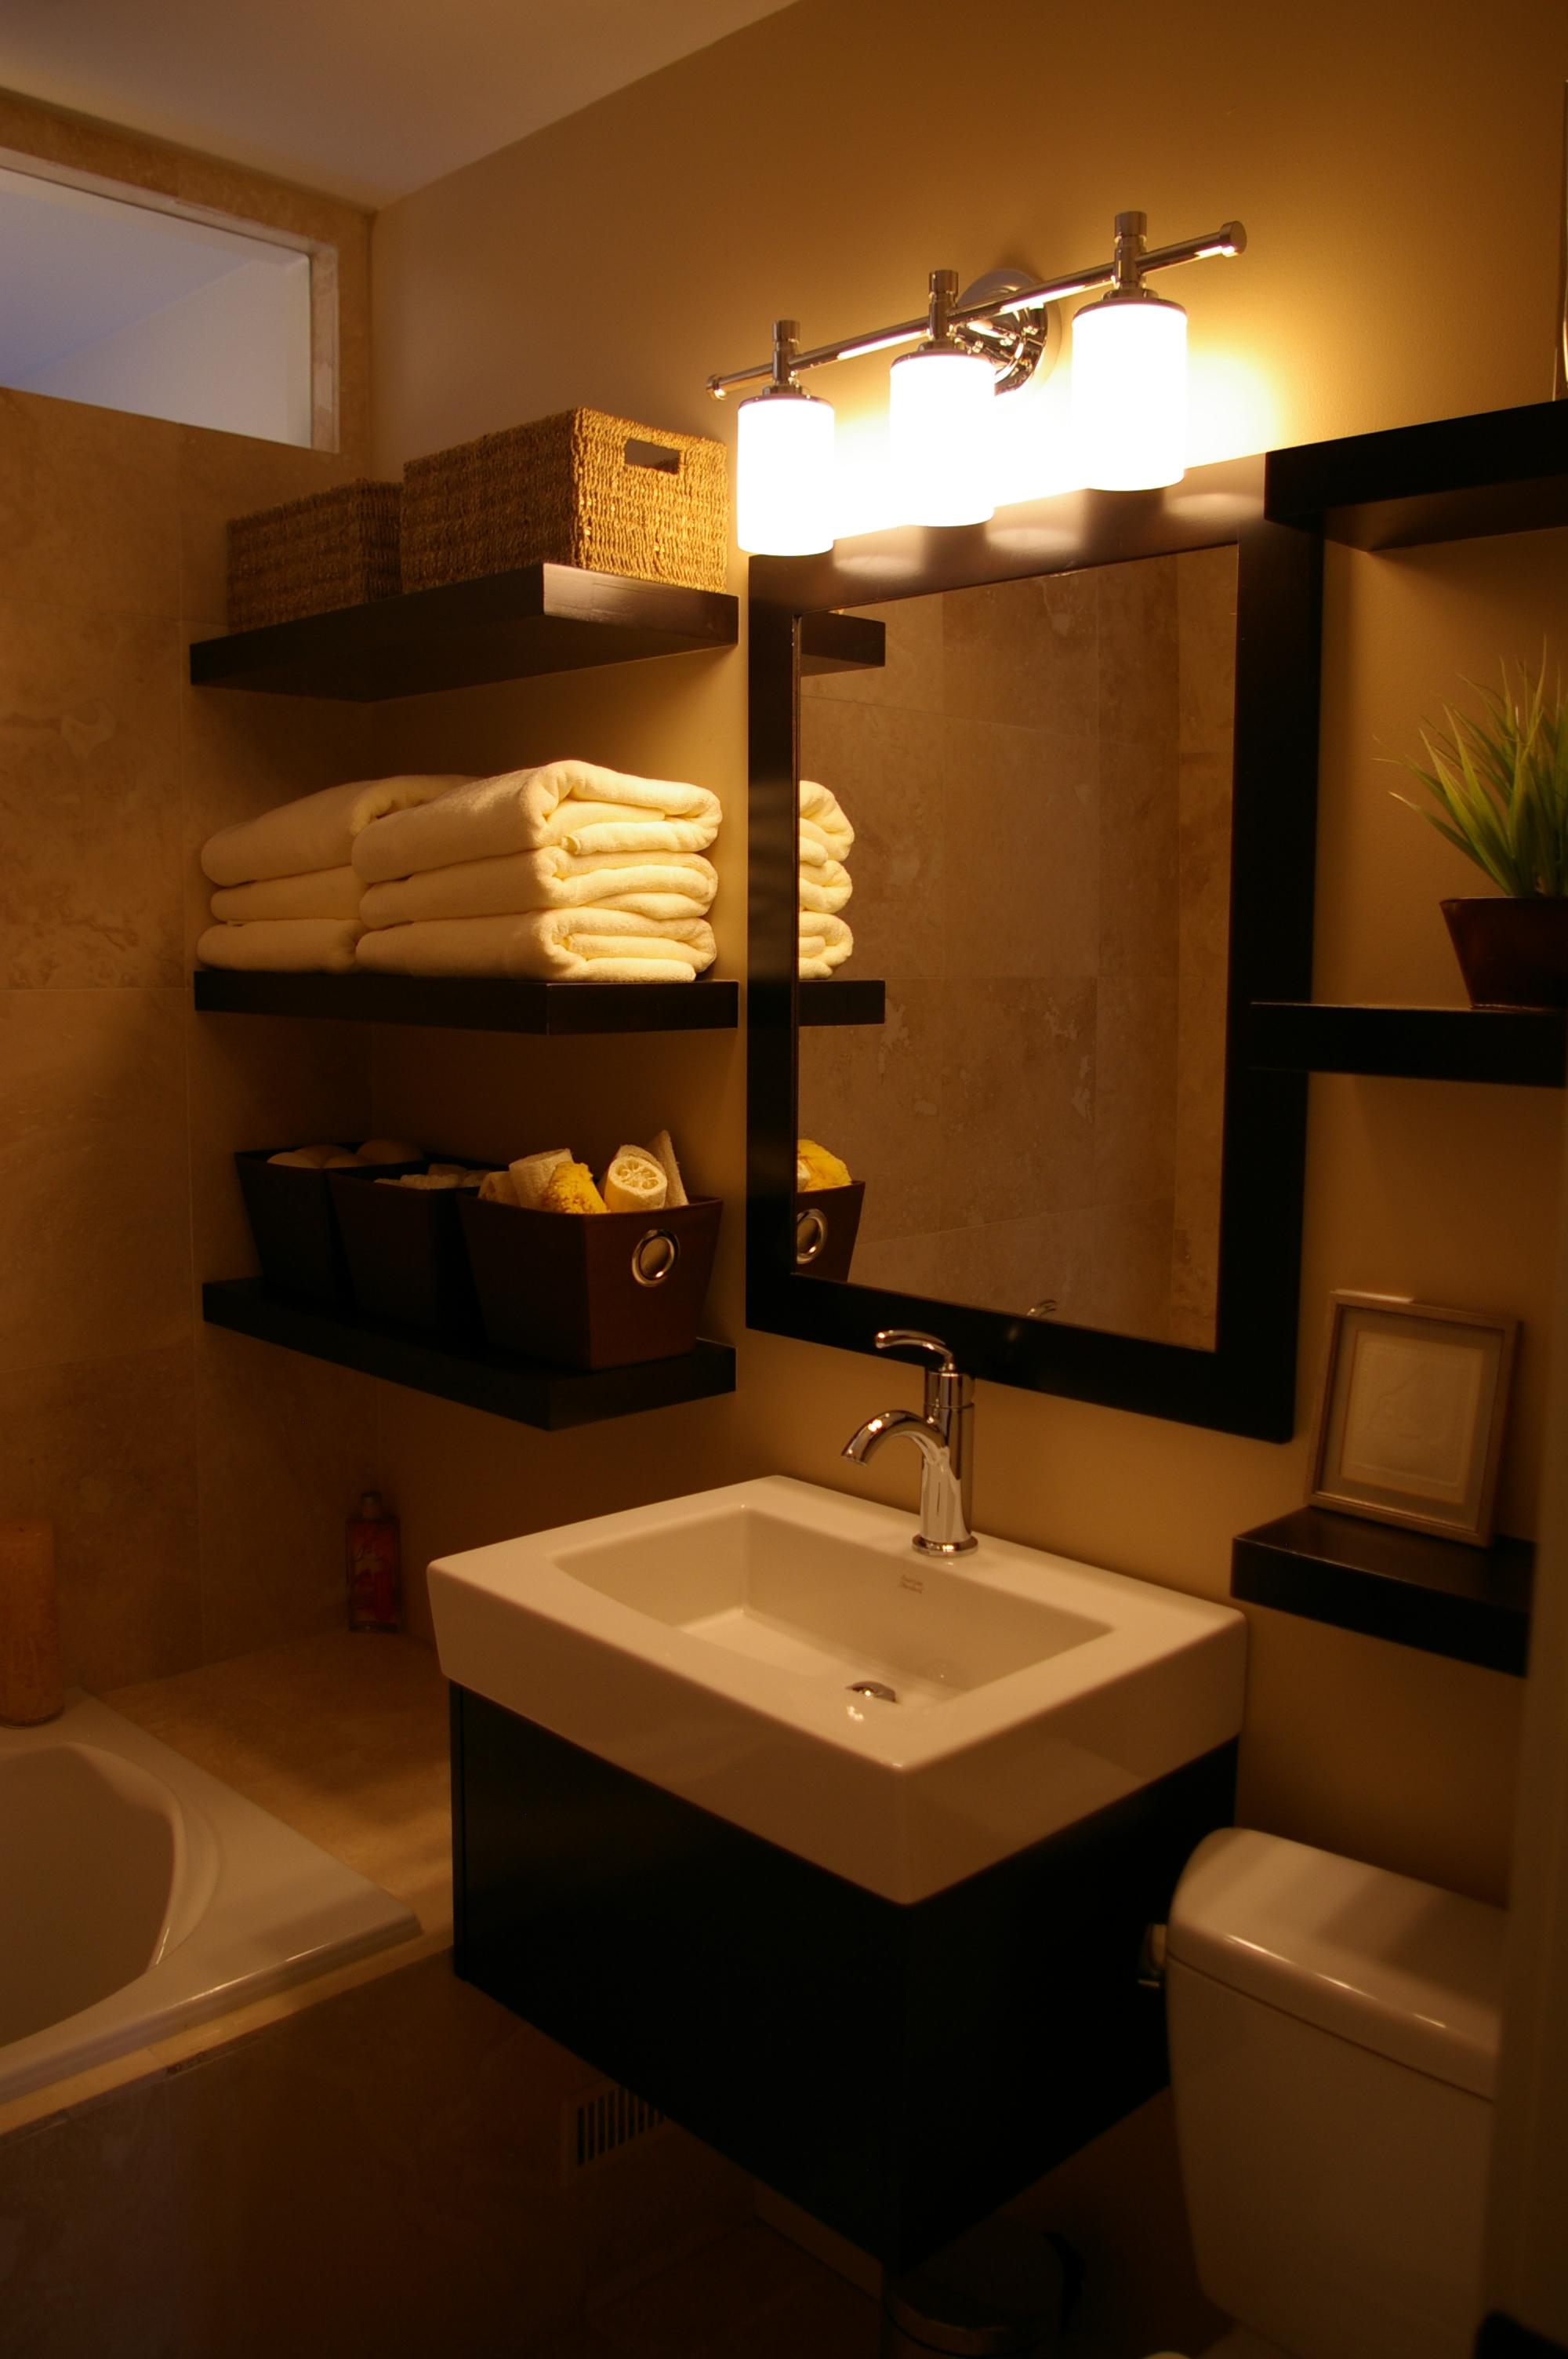 Fullsize Of Hanging Wall Shelves For Bathroom